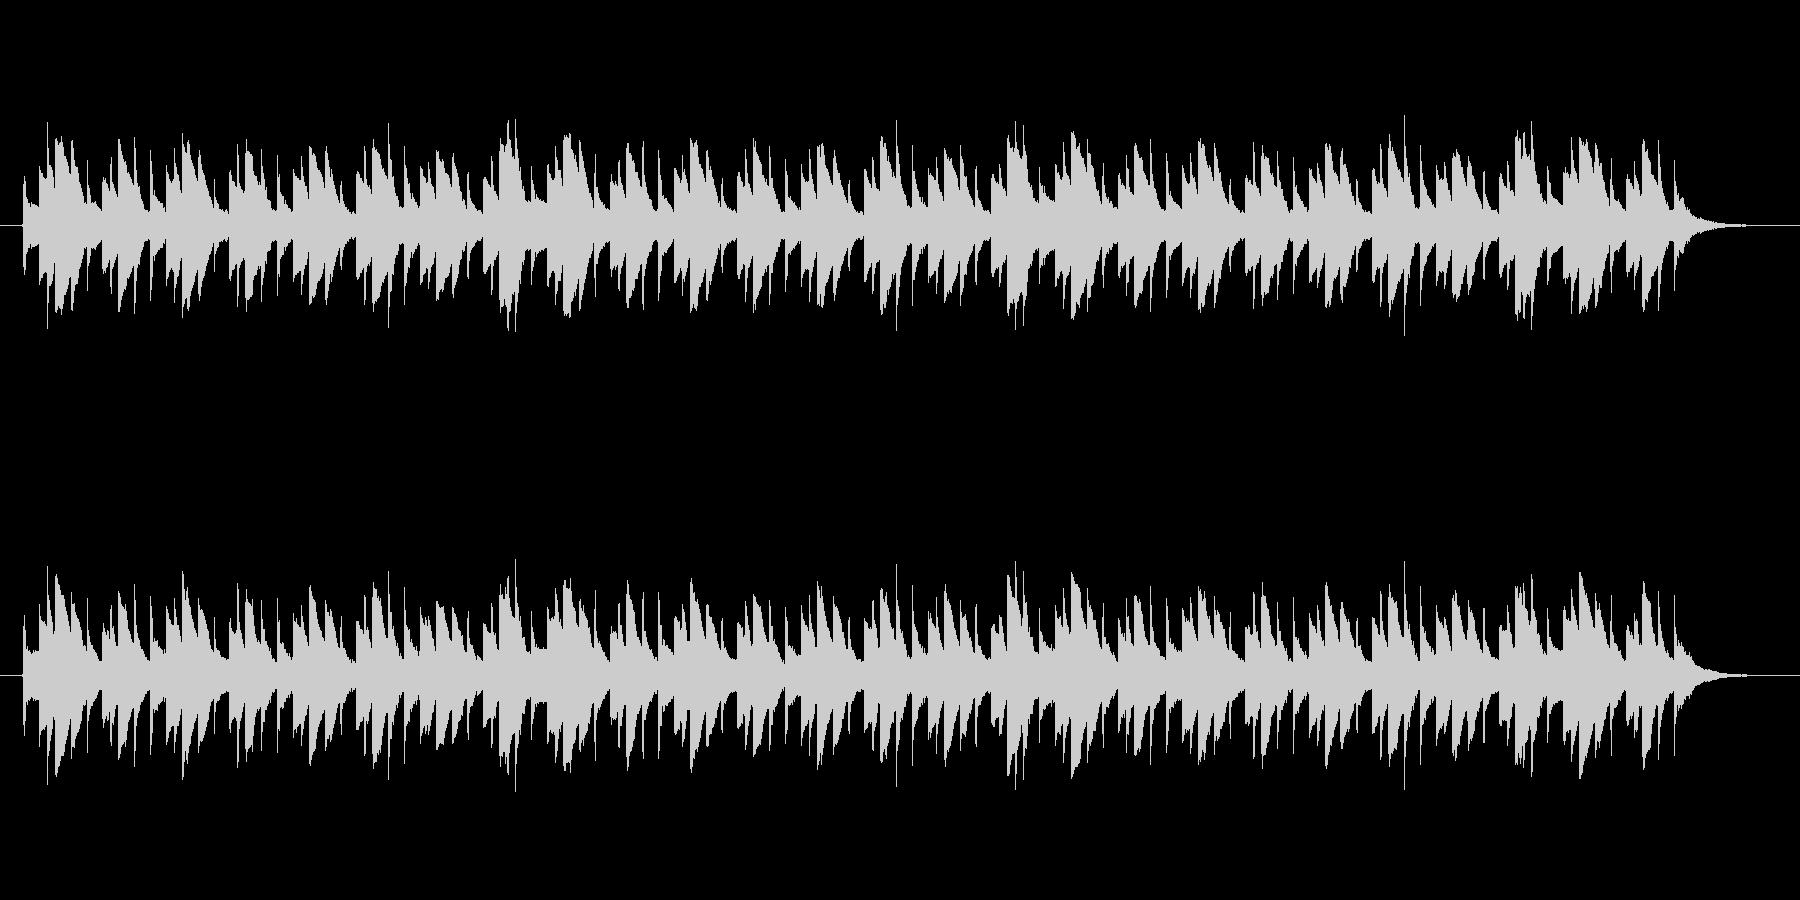 金属系楽器の民族音楽調アルペジオの未再生の波形